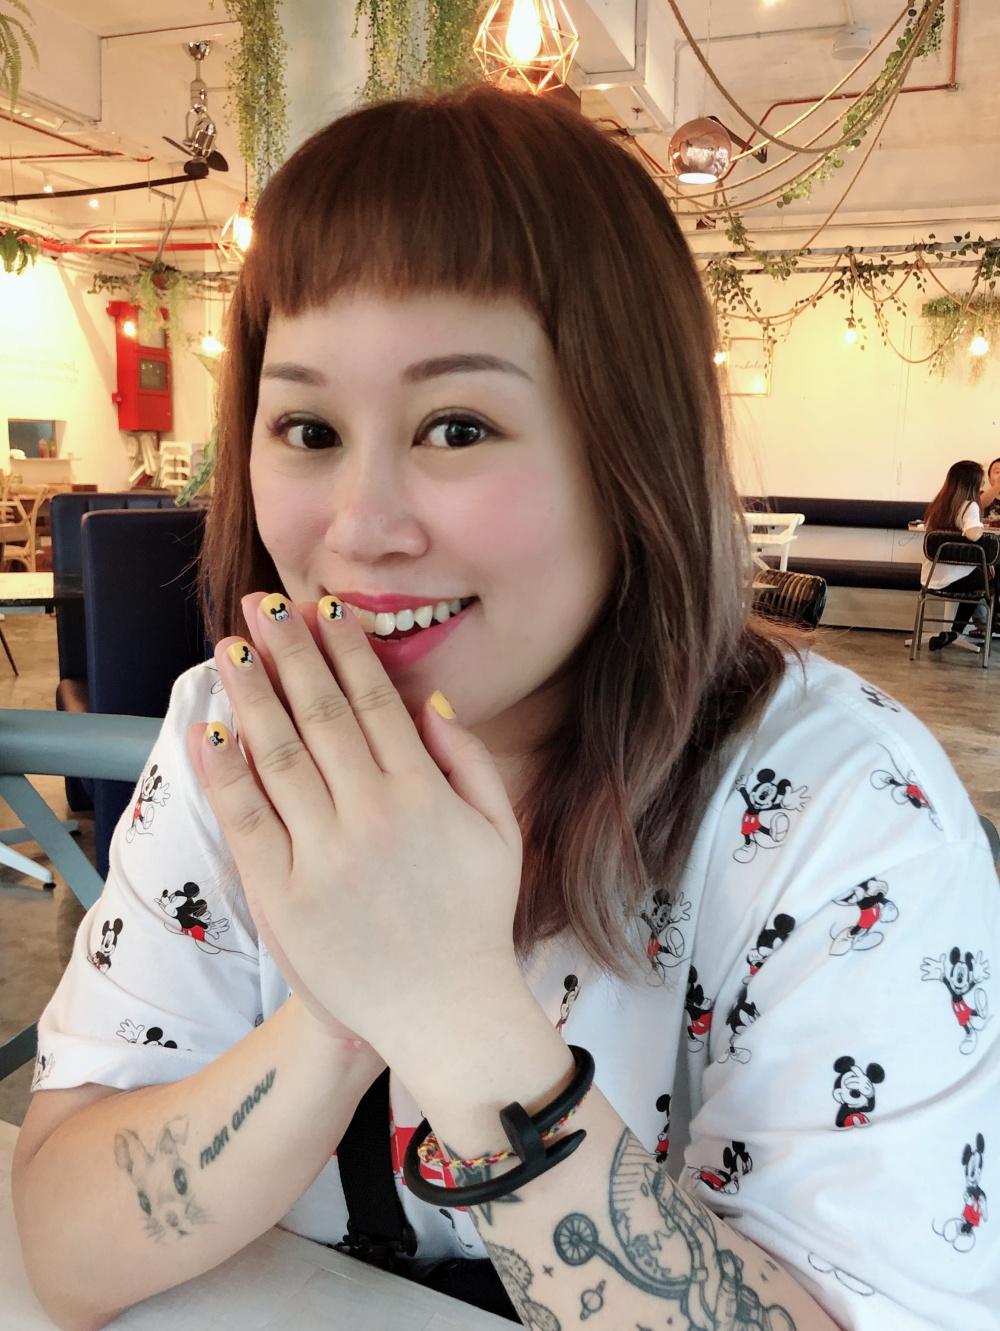 laclinic com sg, hiko nose thread lift singapore